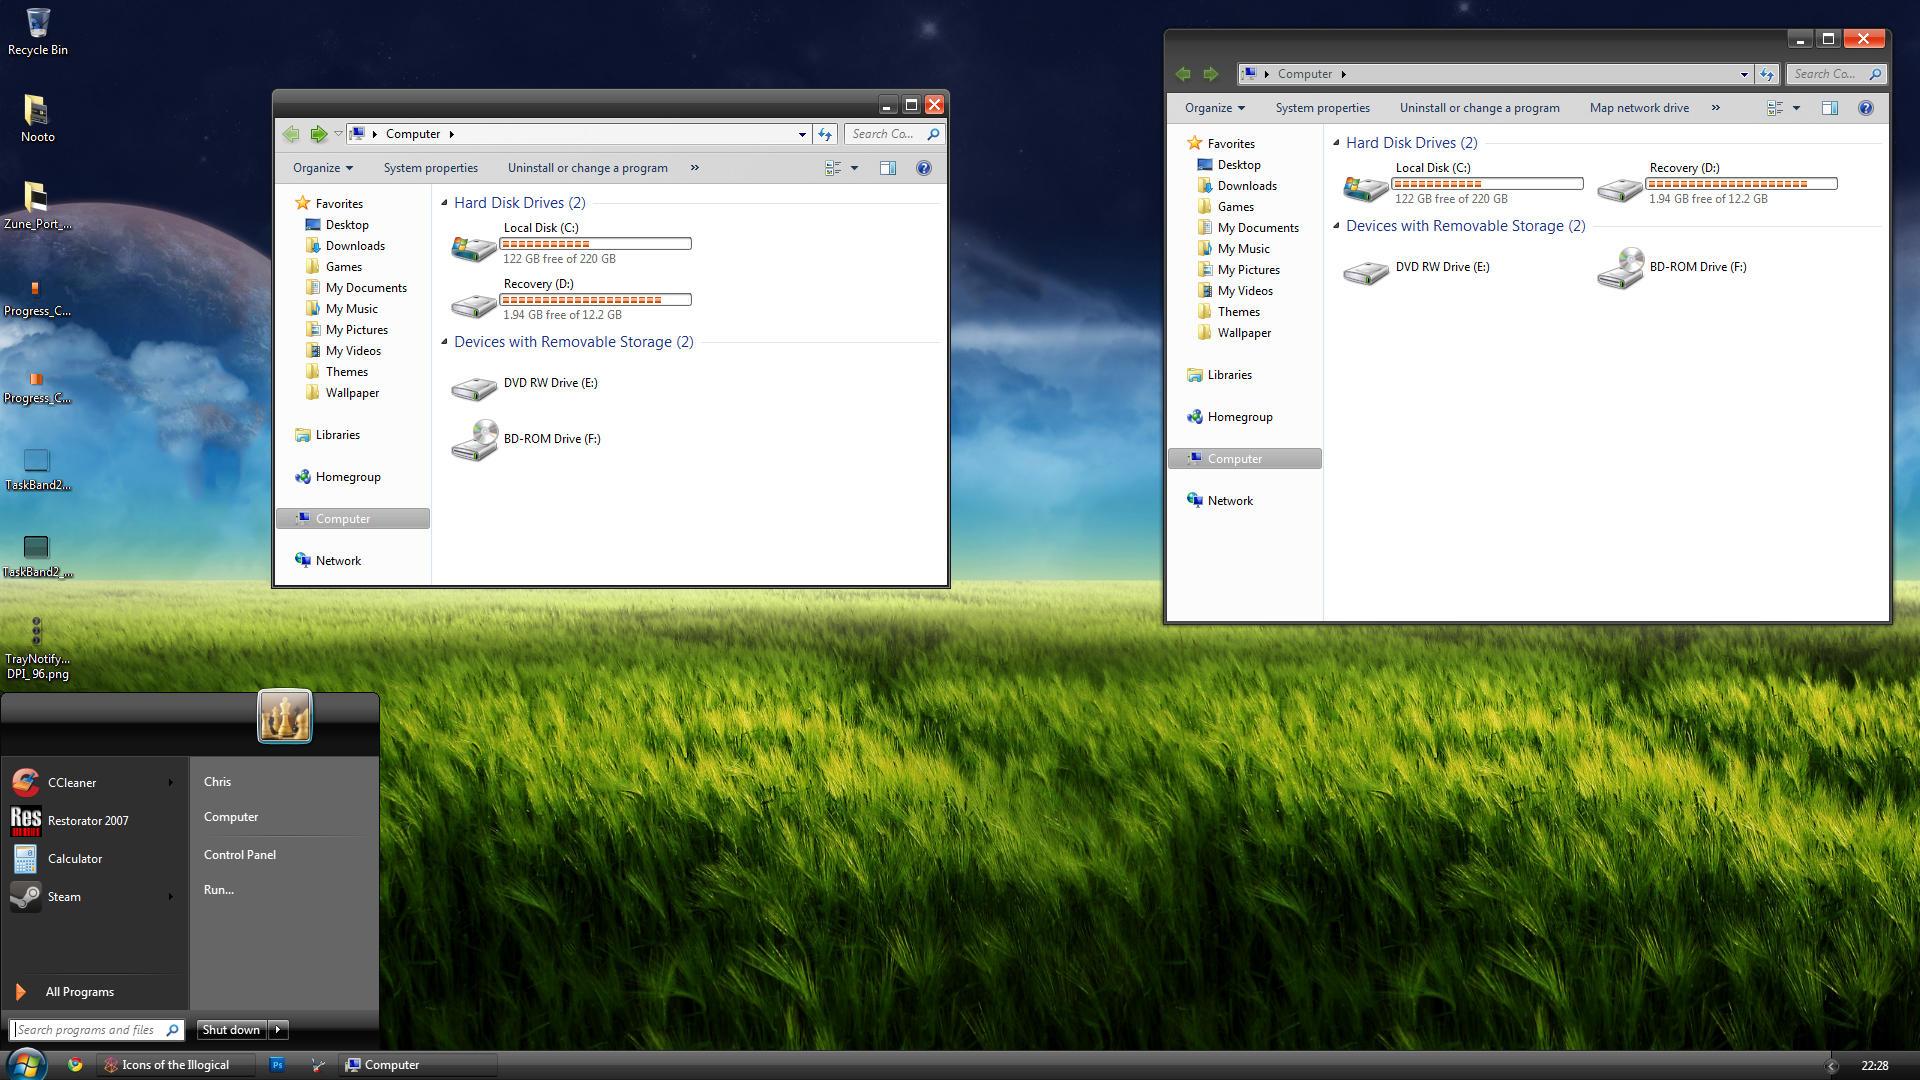 Zune for Windows 7 - beta by Satukoro